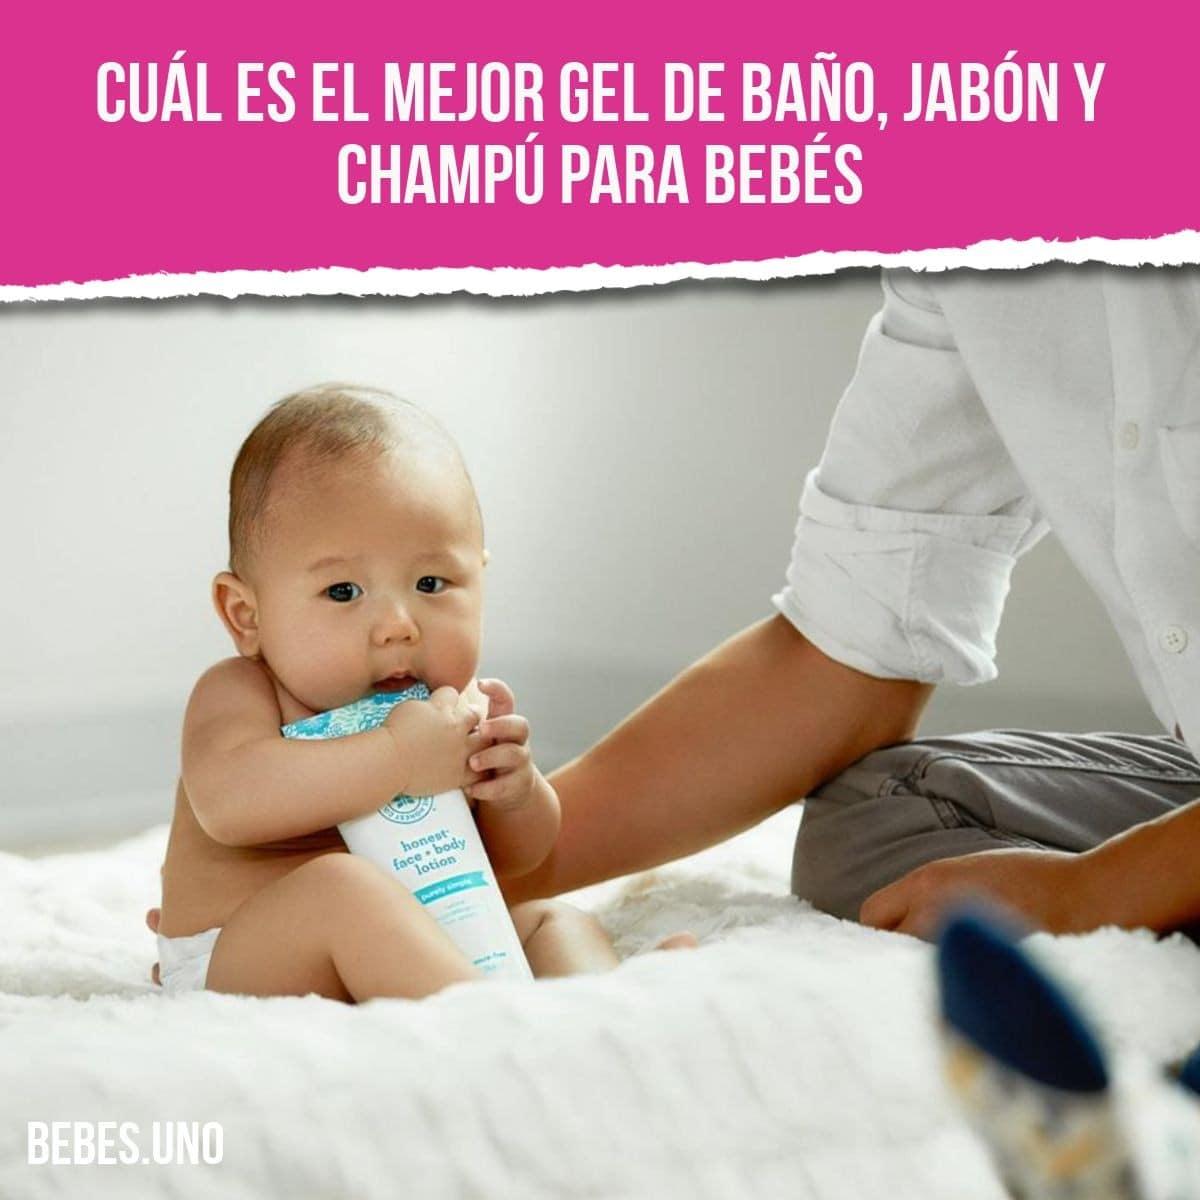 Cuál es el mejor gel de baño, jabón y champú para bebés en 2020